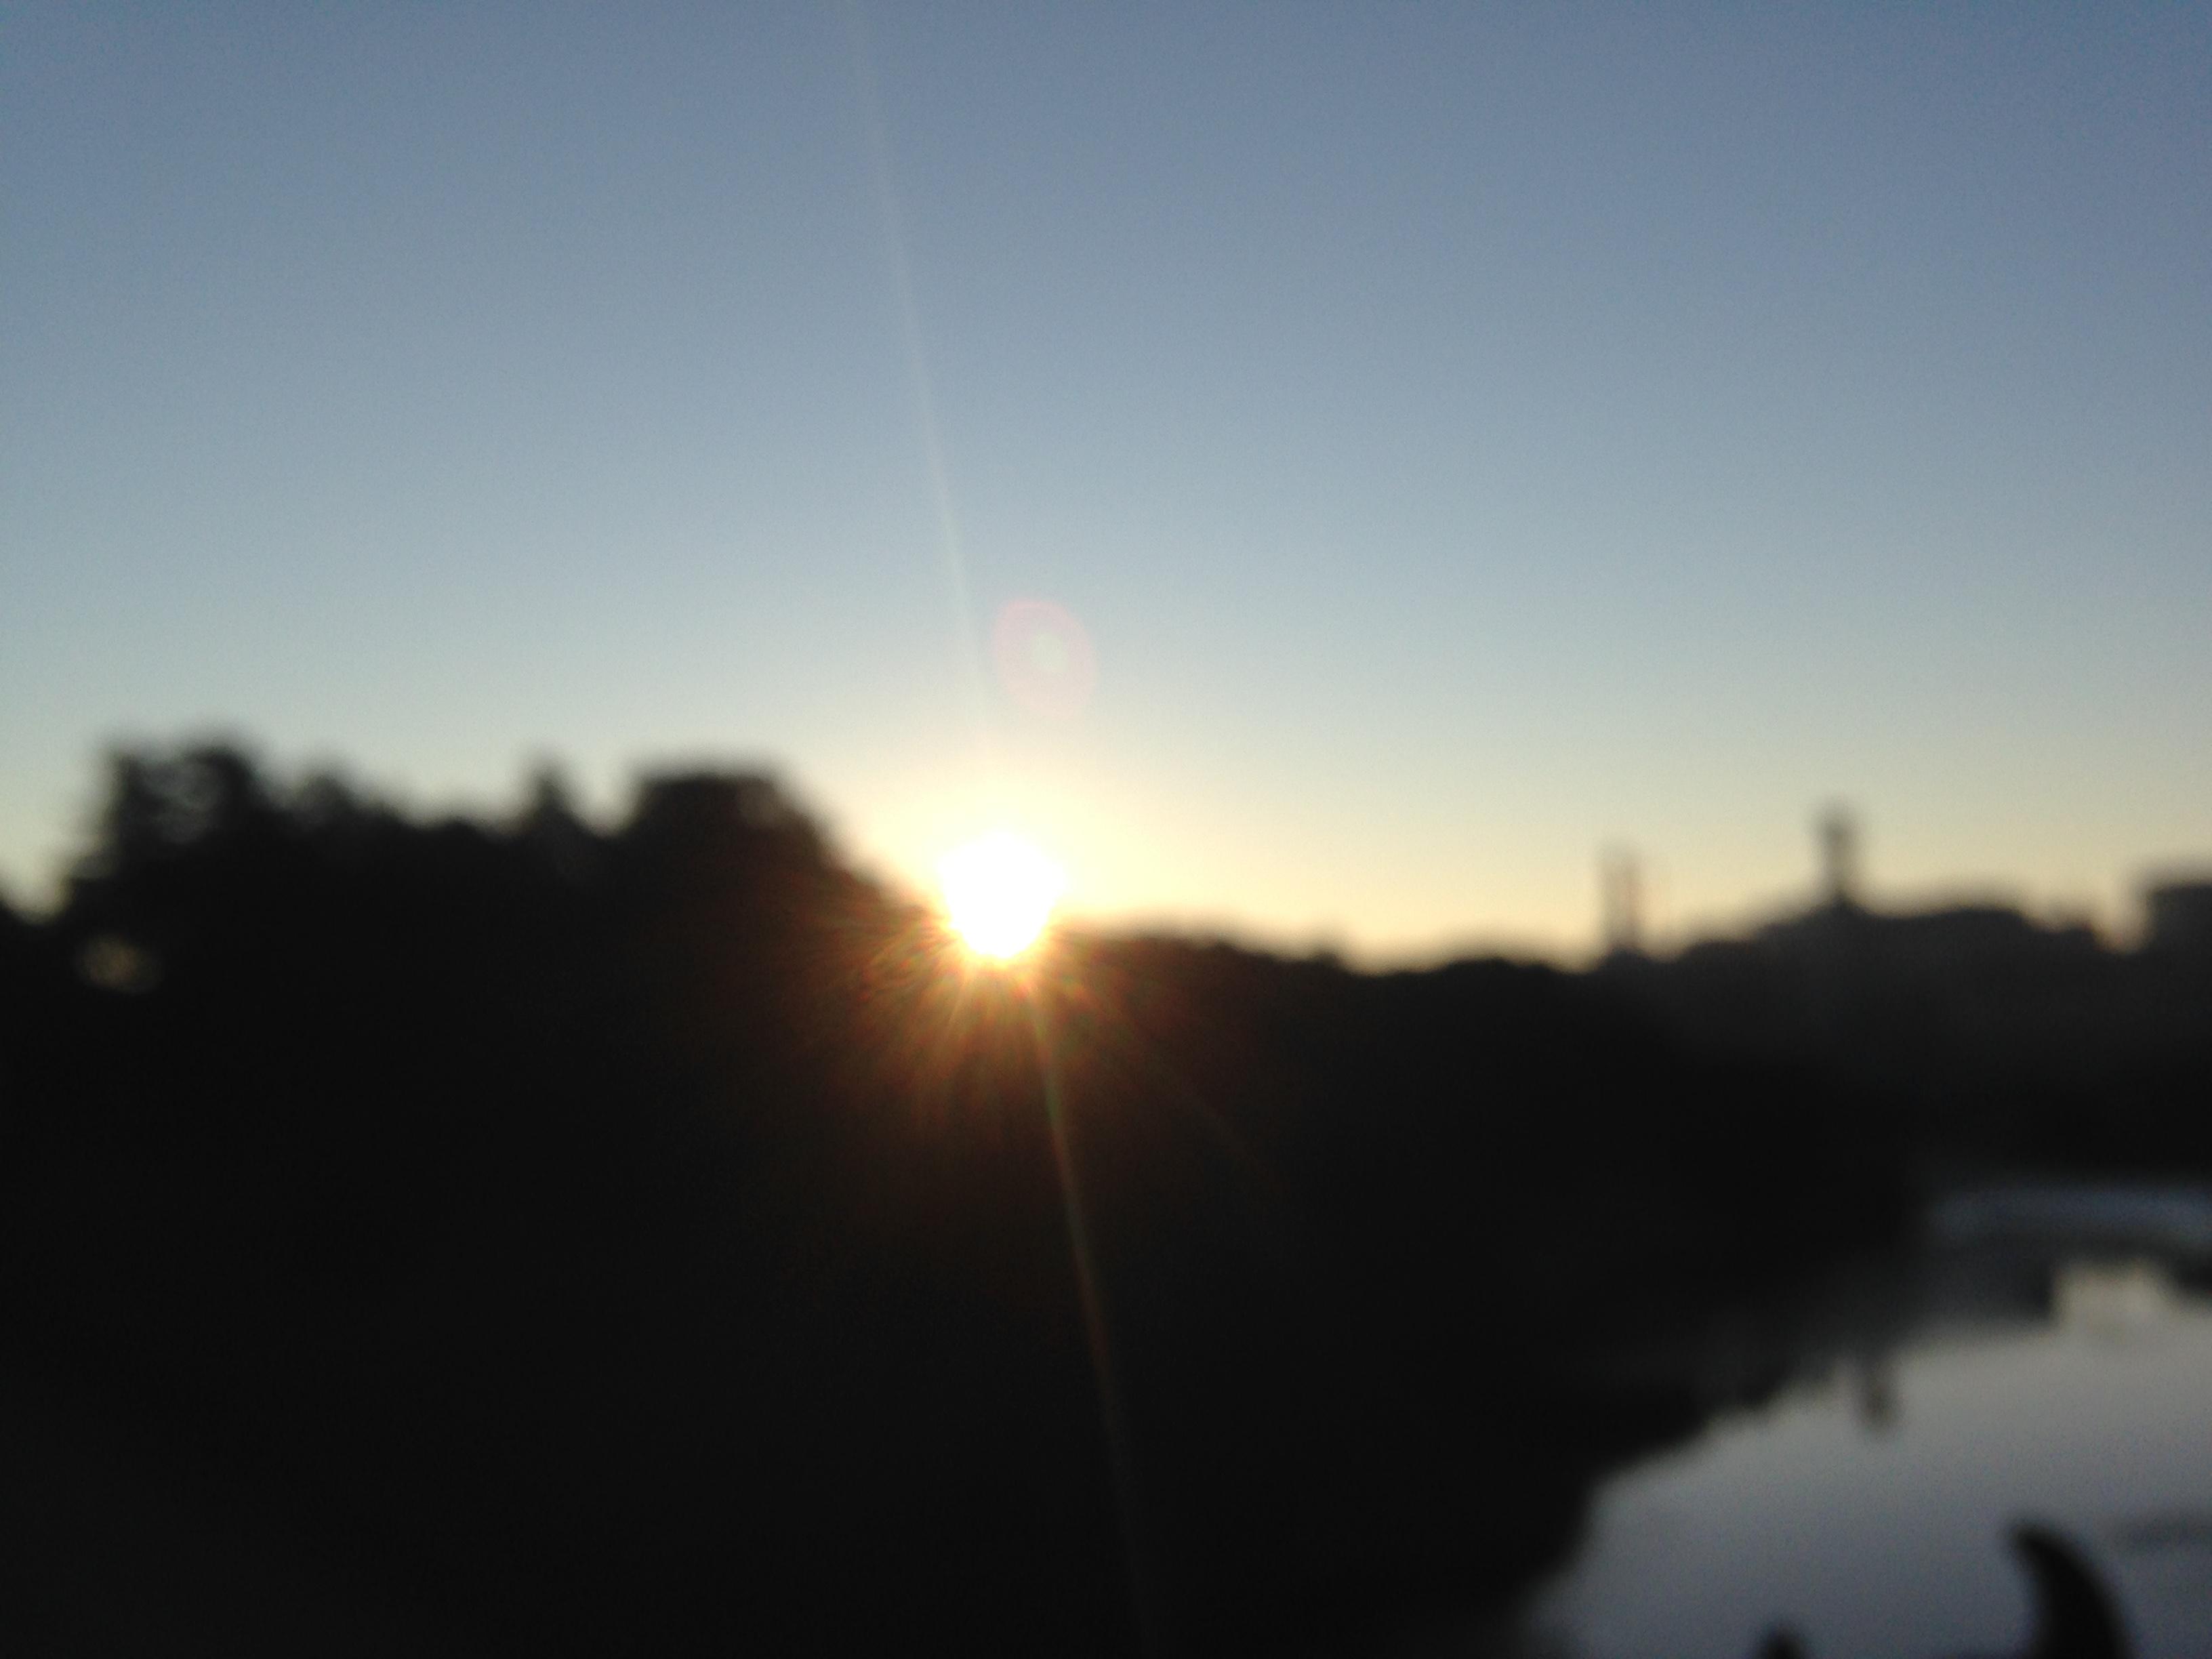 ランナーは元旦こそ走るべし。初日の出皇居ランは最高に気持ちいい。